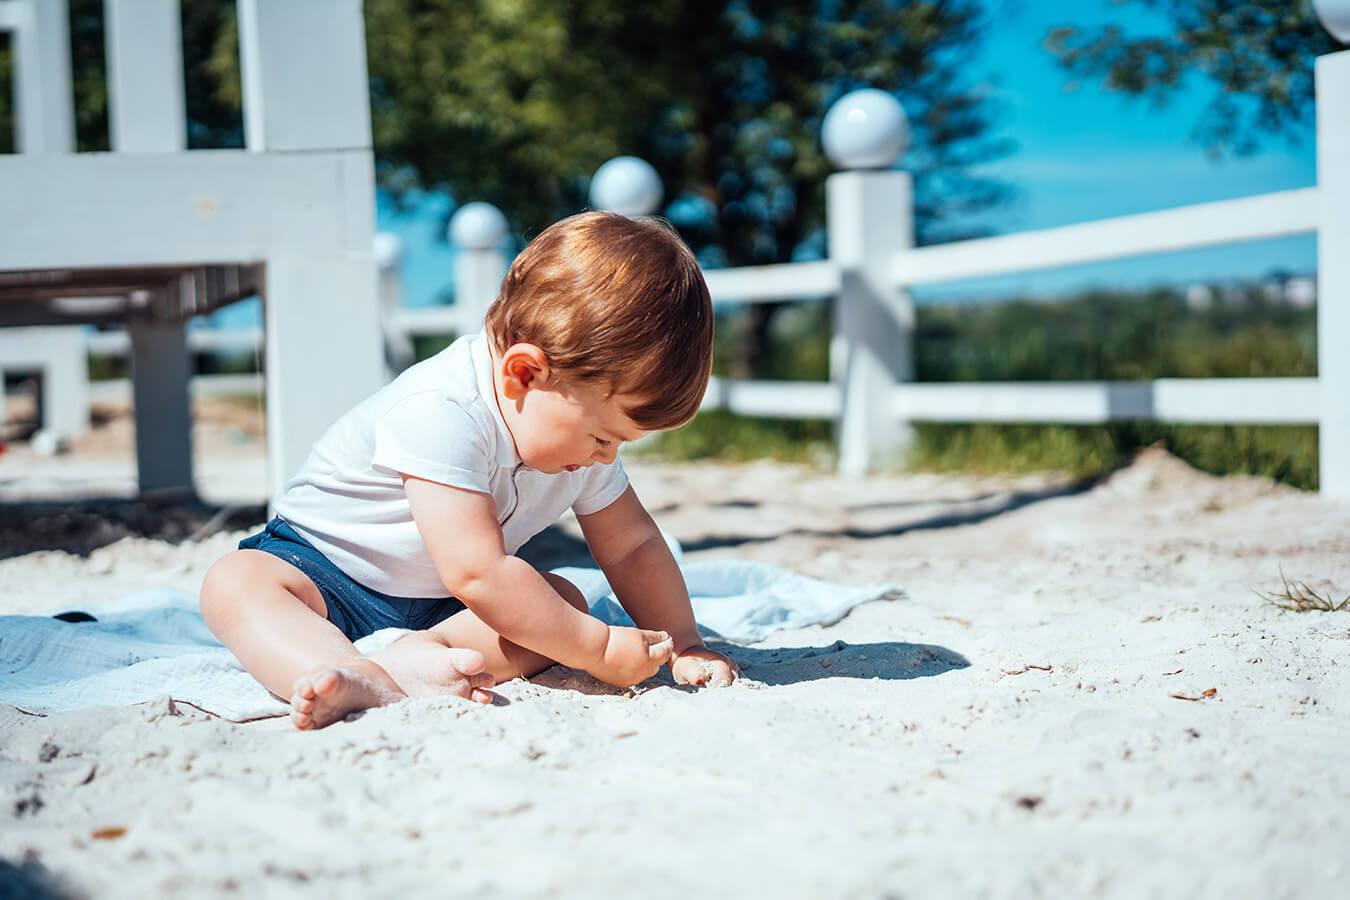 39 tygodniowe dziecko – Jak wygląda 9 miesiąc życia dziecka?